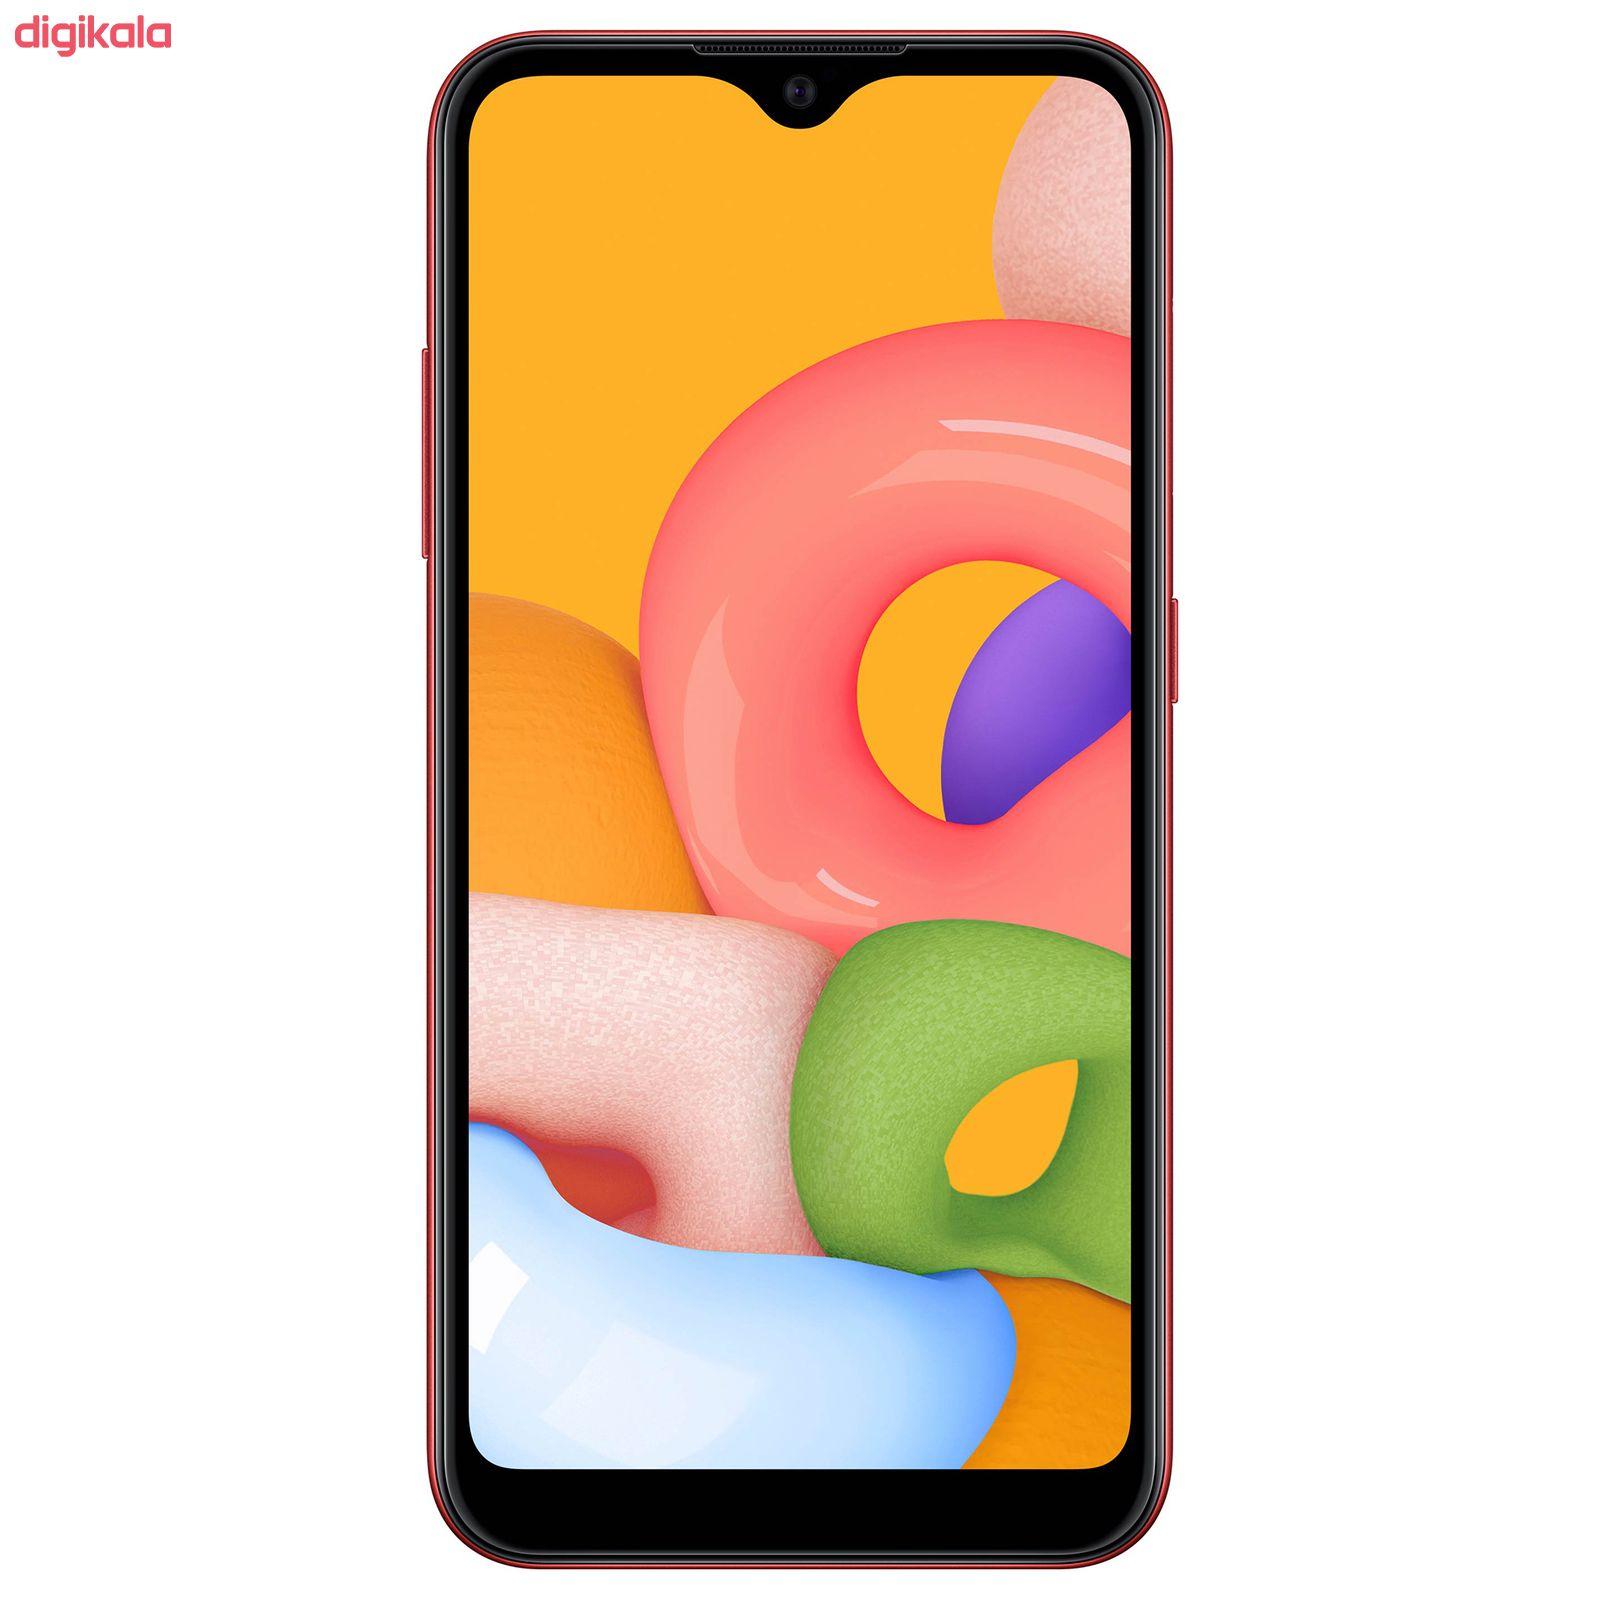 گوشی موبایل سامسونگ مدل Galaxy A01 SM-A015F/DS دو سیم کارت ظرفیت 16 گیگابایت main 1 15